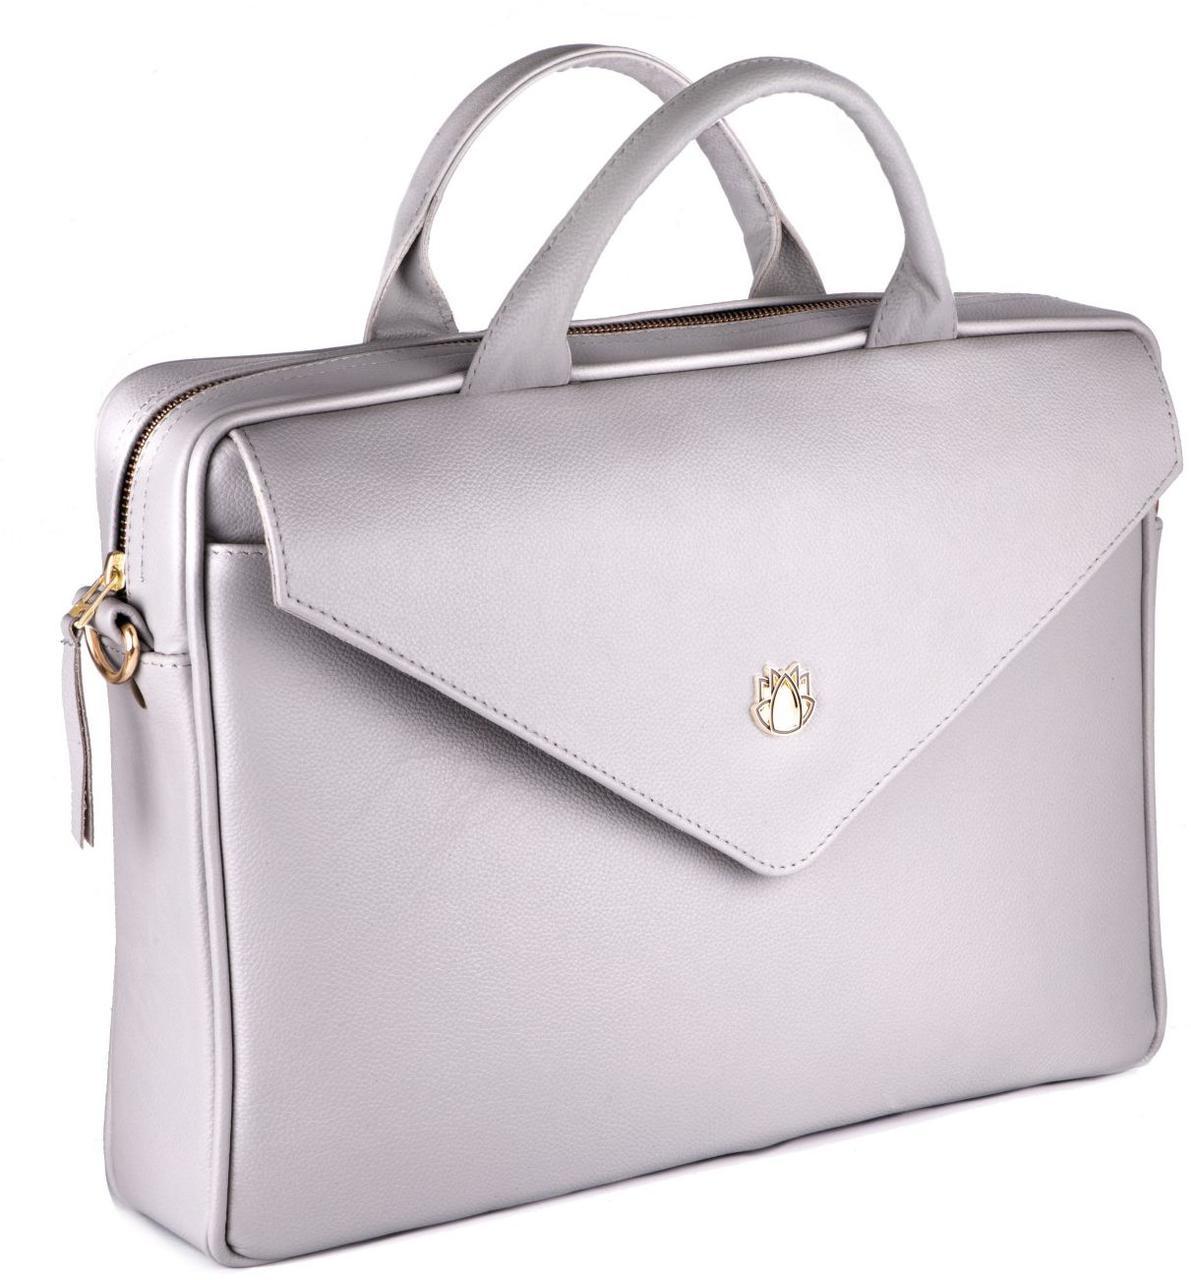 f557aad8bd64 Женская сумка для ноутбука 15,6' Felice Fl15 Grey - SUPERSUMKA интернет  магазин в